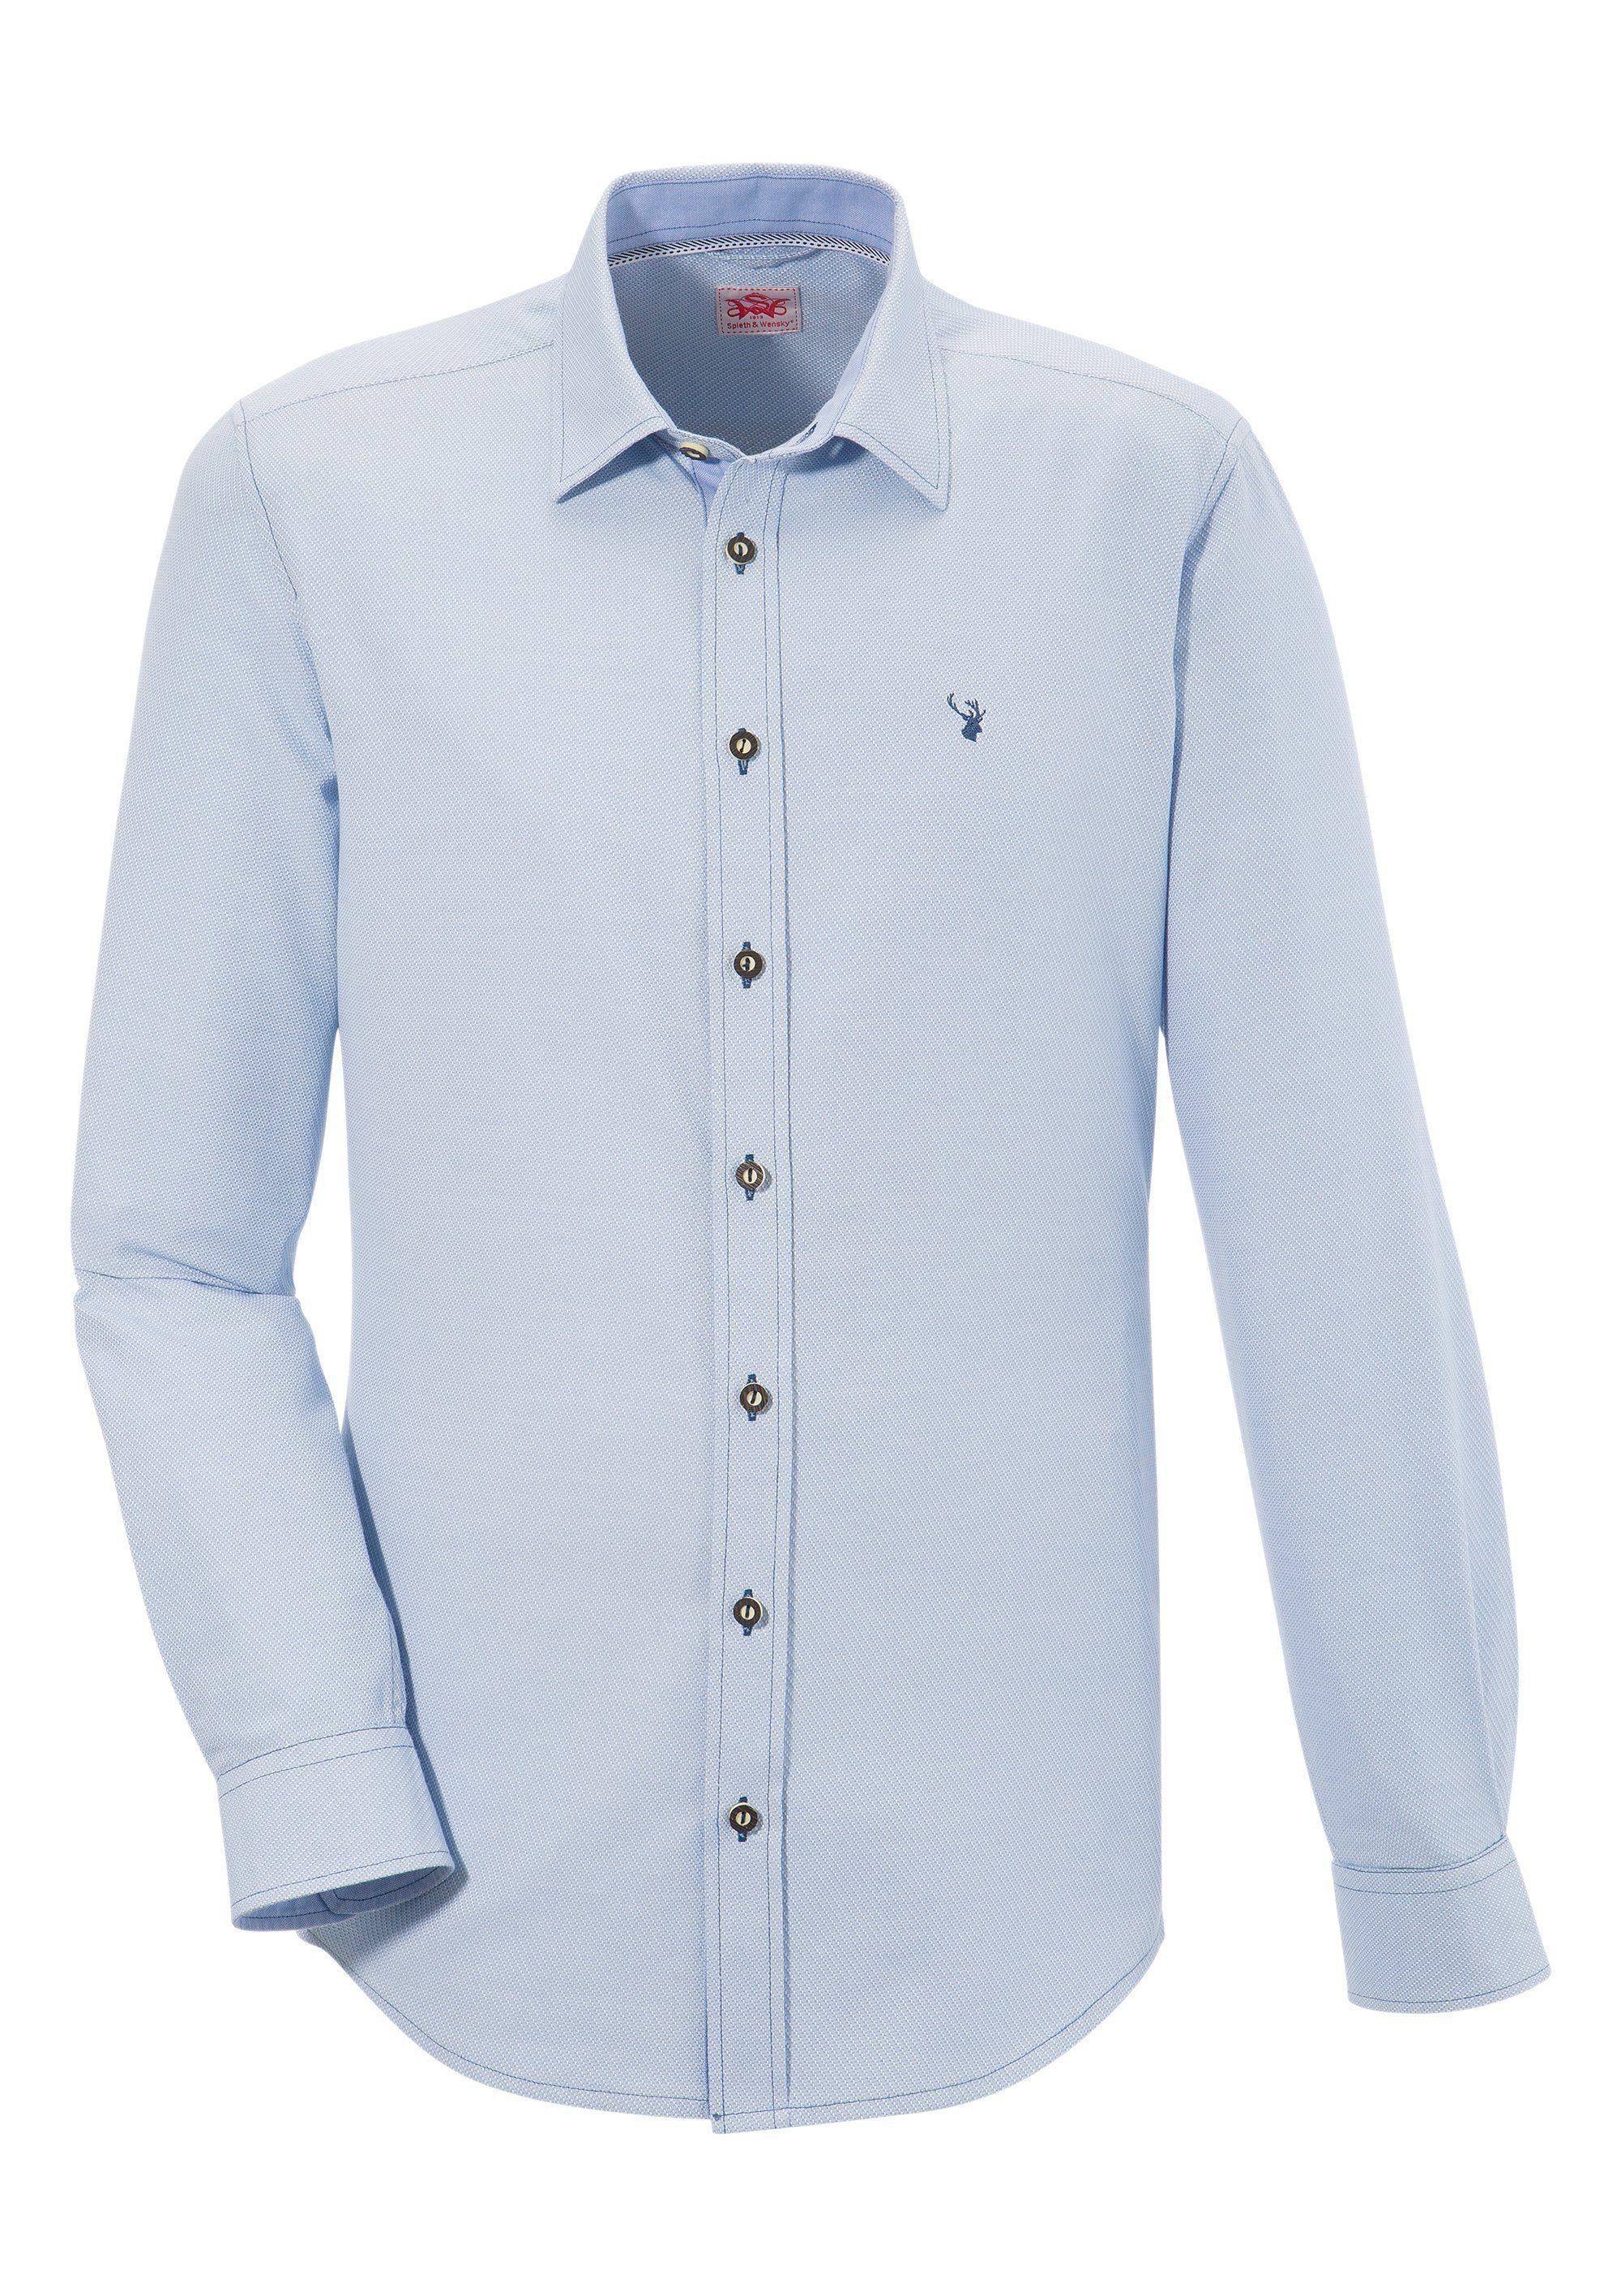 Herren Spieth & Wensky Trachtenhemd mit feinem Strukturmuster  | 04059829850514